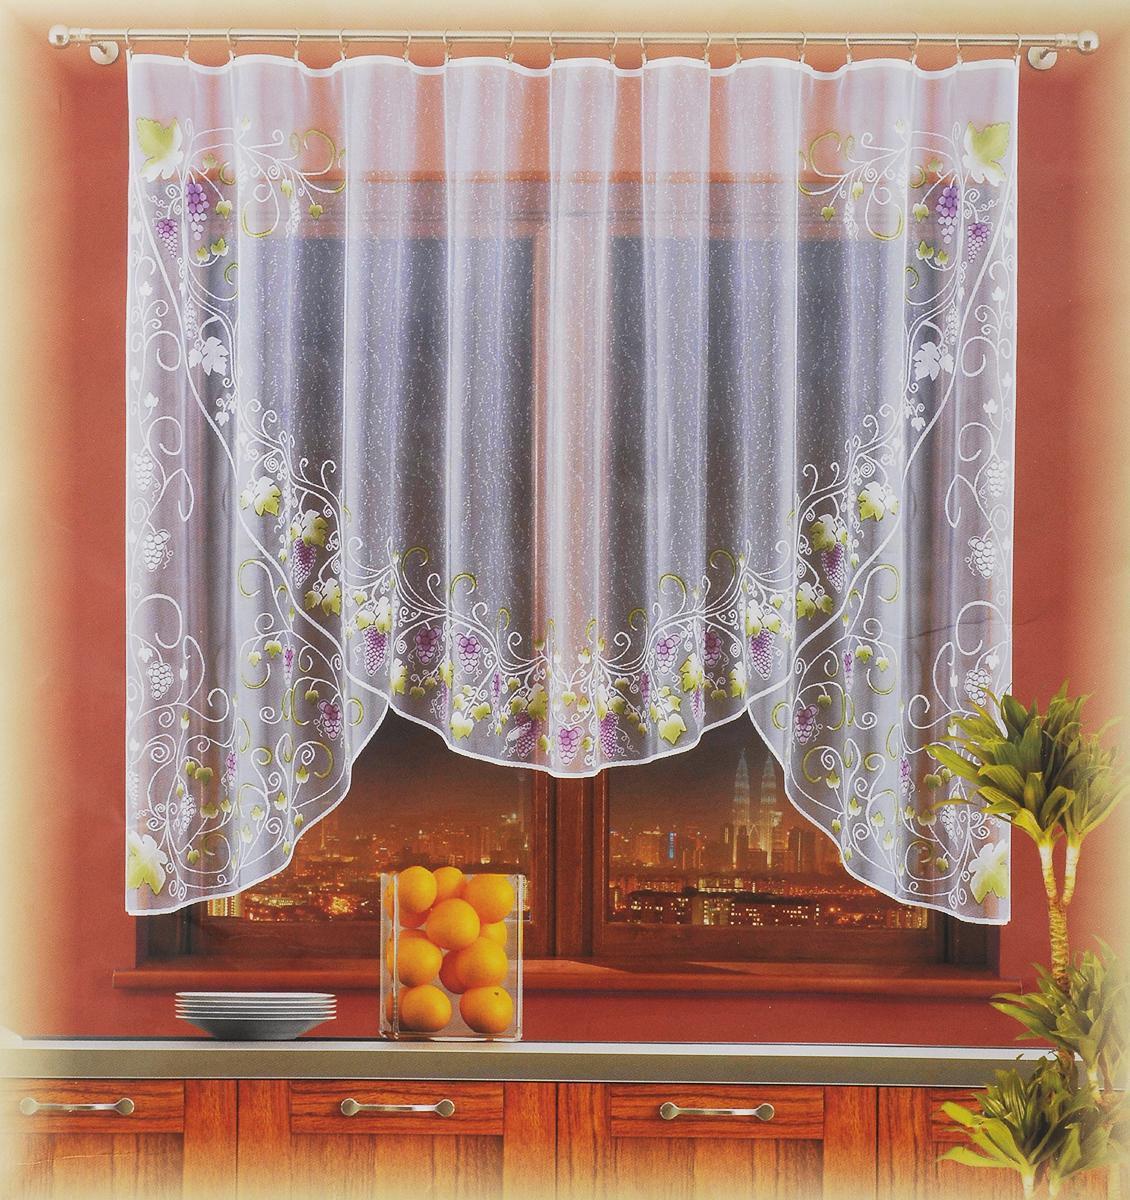 Гардина Wisan Winogrona, цвет: белый, высота 300 см723560_белый, виноград и листьяГардина Wisan Winogrona, изготовленная из полиэстера, станет великолепным украшением любого окна. Изделие, оформленное рисунком фруктов, привлечет к себе внимание и органично впишется в интерьер комнаты. Оригинальное оформление гардины внесет разнообразие и подарит заряд положительного настроения.Гардина крепится при помощи зажимов для штор (не входят в комплект).